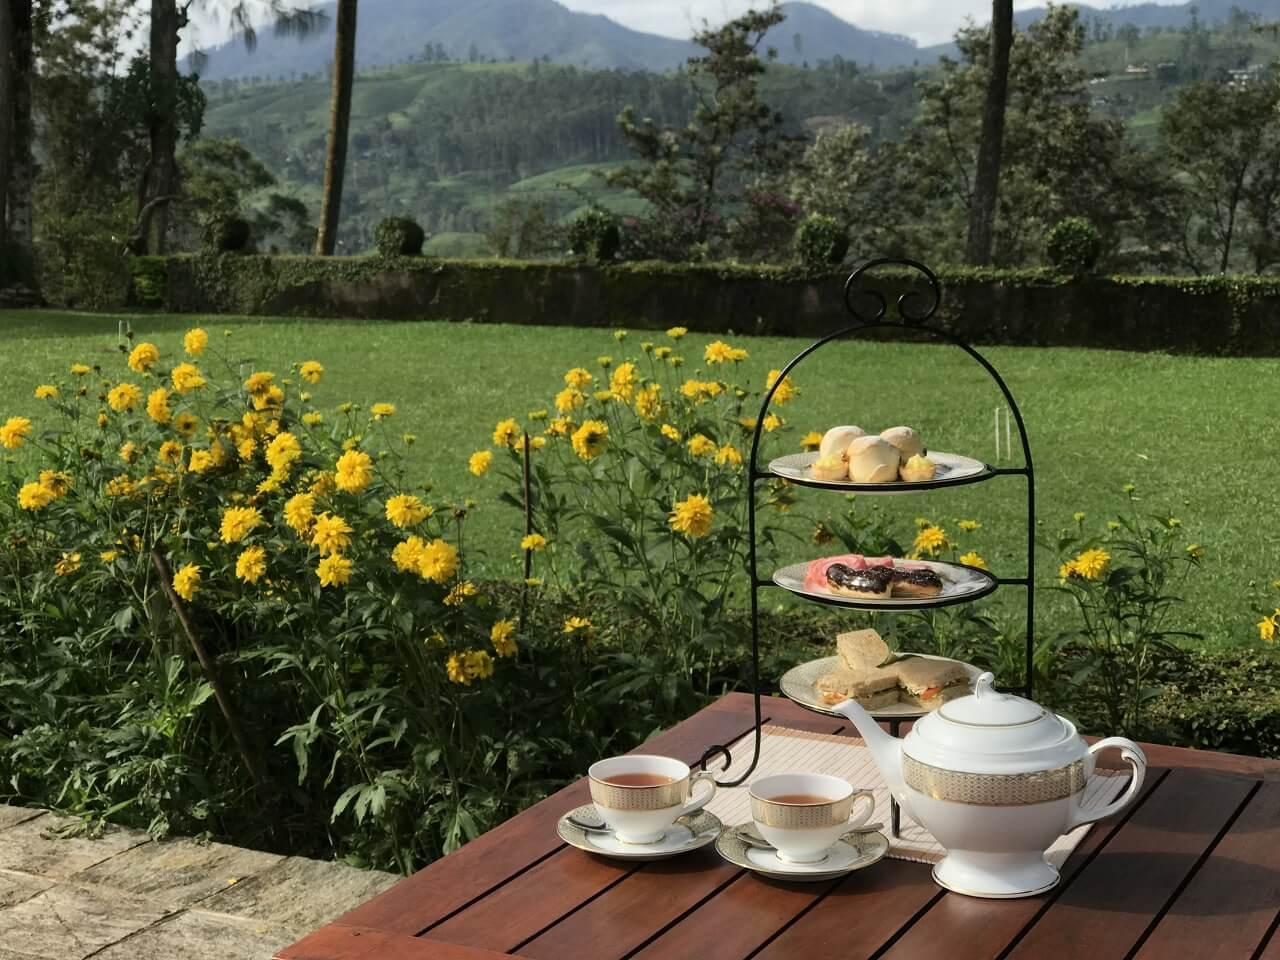 「セイロン紅茶」の国・スリランカ 1アフタヌーンテイ―